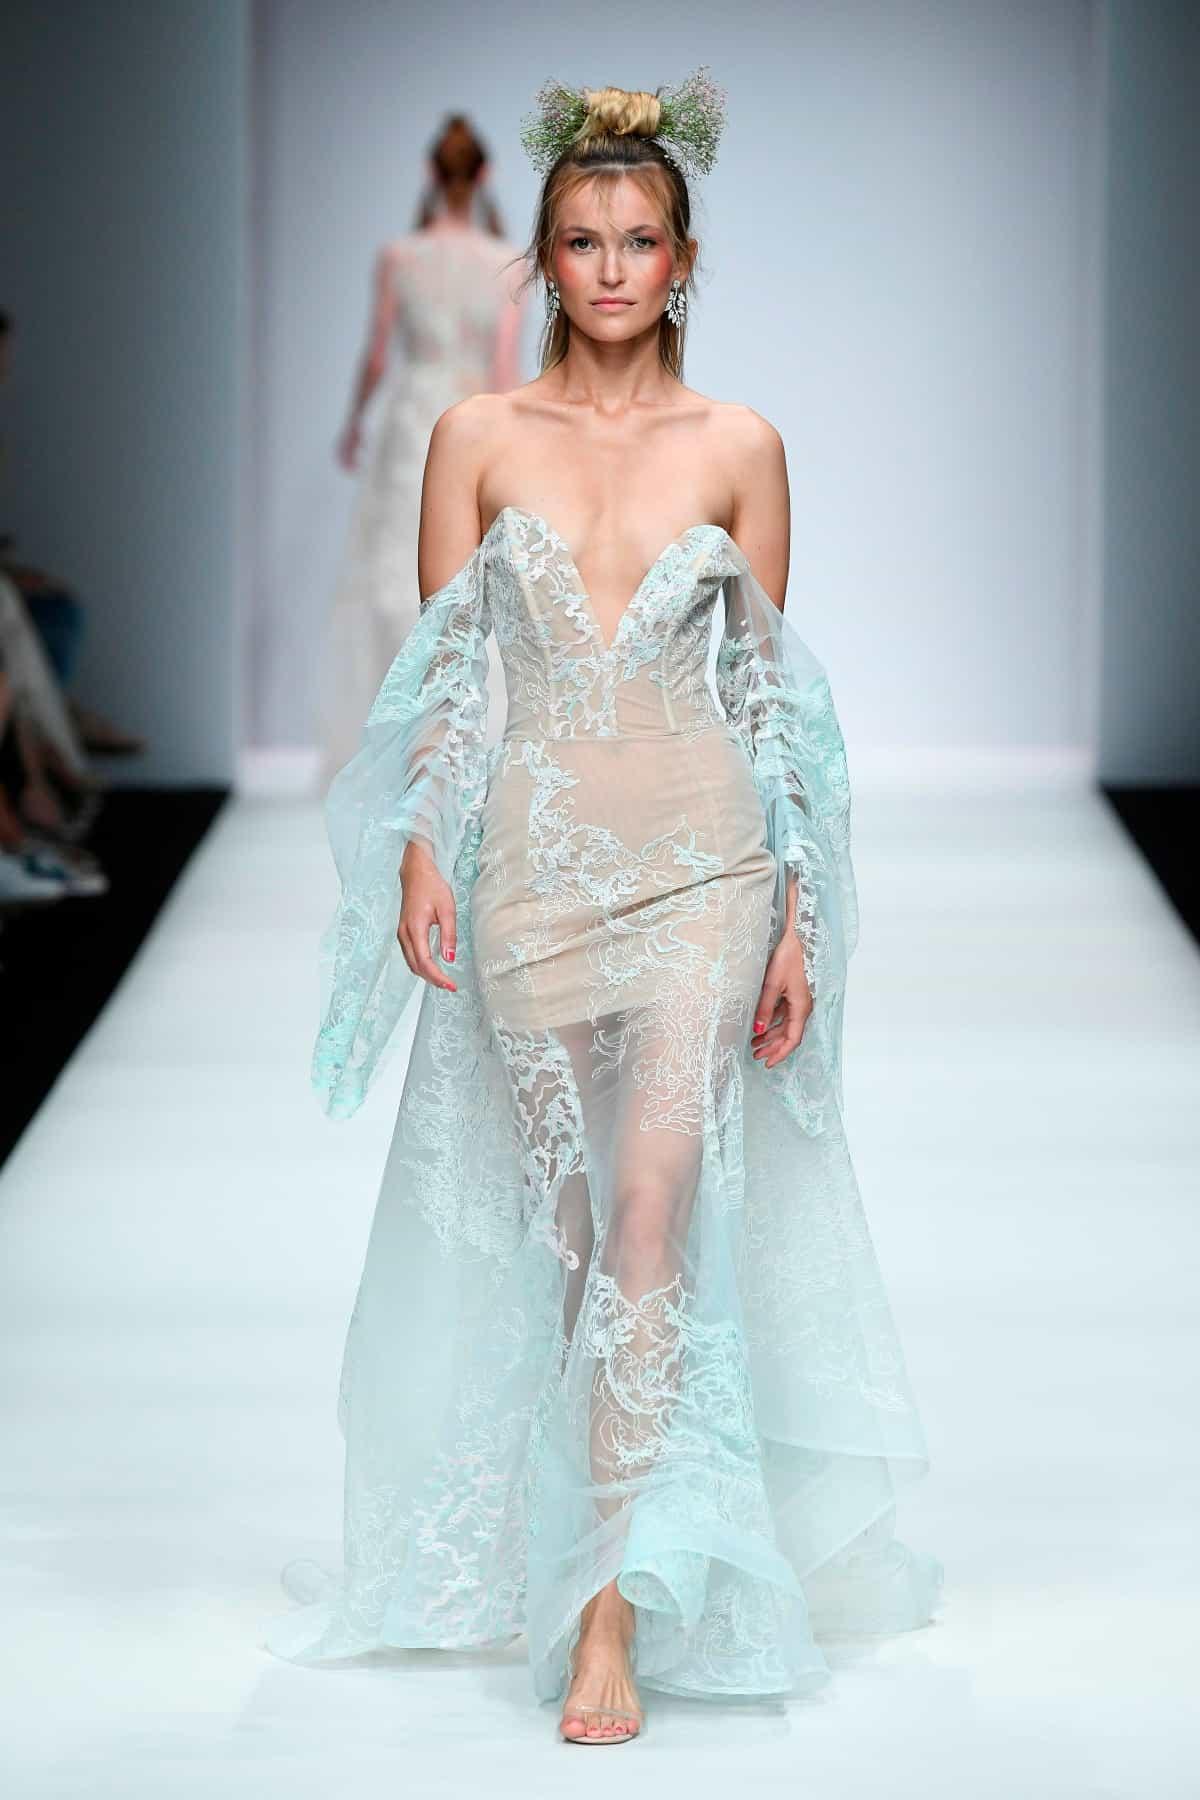 Lana Mueller Sommermode 2020 zur MBFW auf der Fashion Week Berlin Juli 2019 - 7